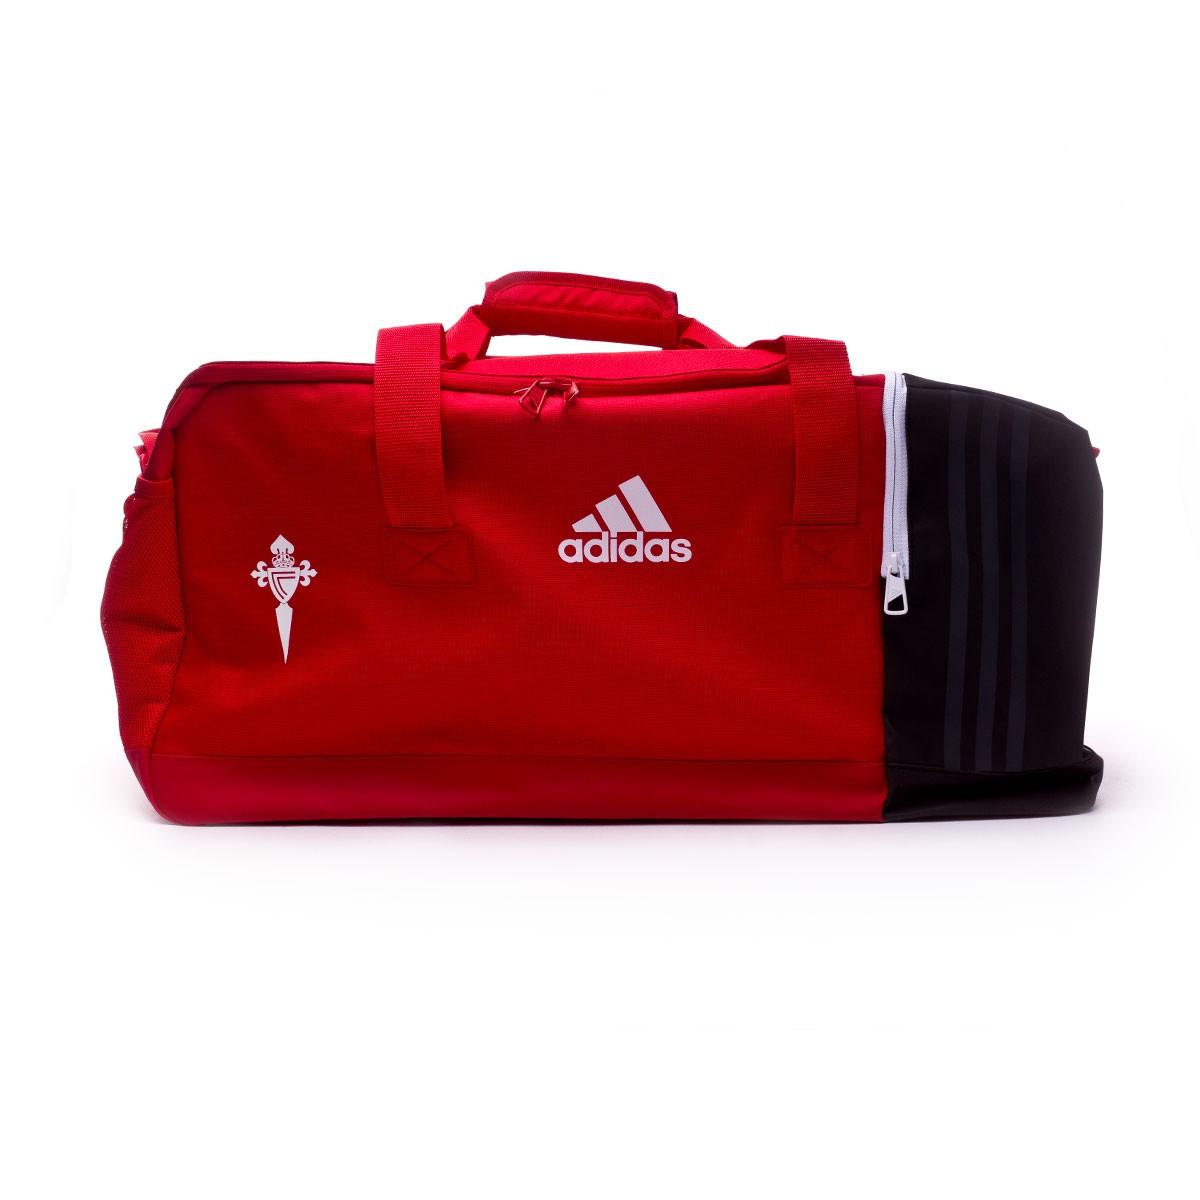 dfe118dd5e Sac de sport adidas Sac de sport Training Celta de Vigo 2017-2018 Rouge  écarlate-Noir-Blanc - Boutique de football Fútbol Emotion